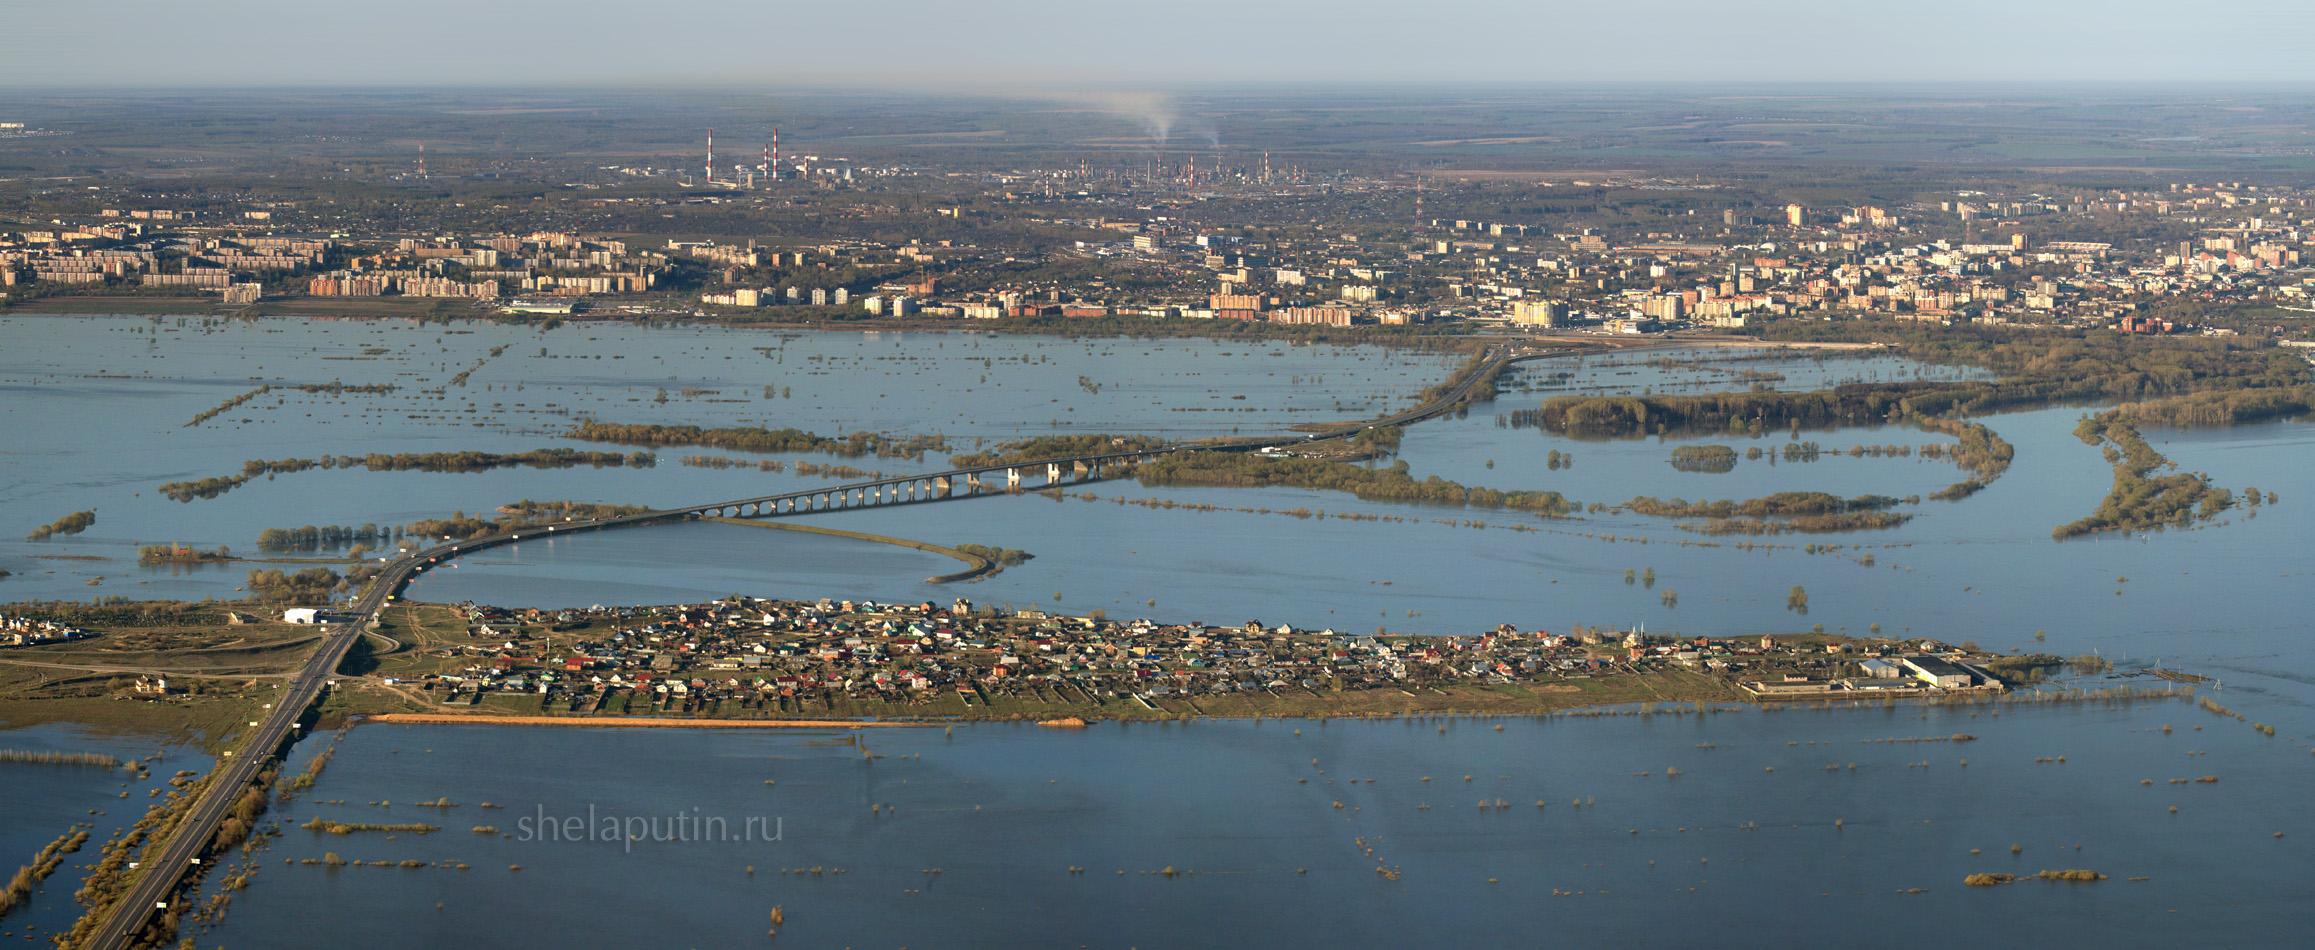 Весенний разлив реки Оки Рязань